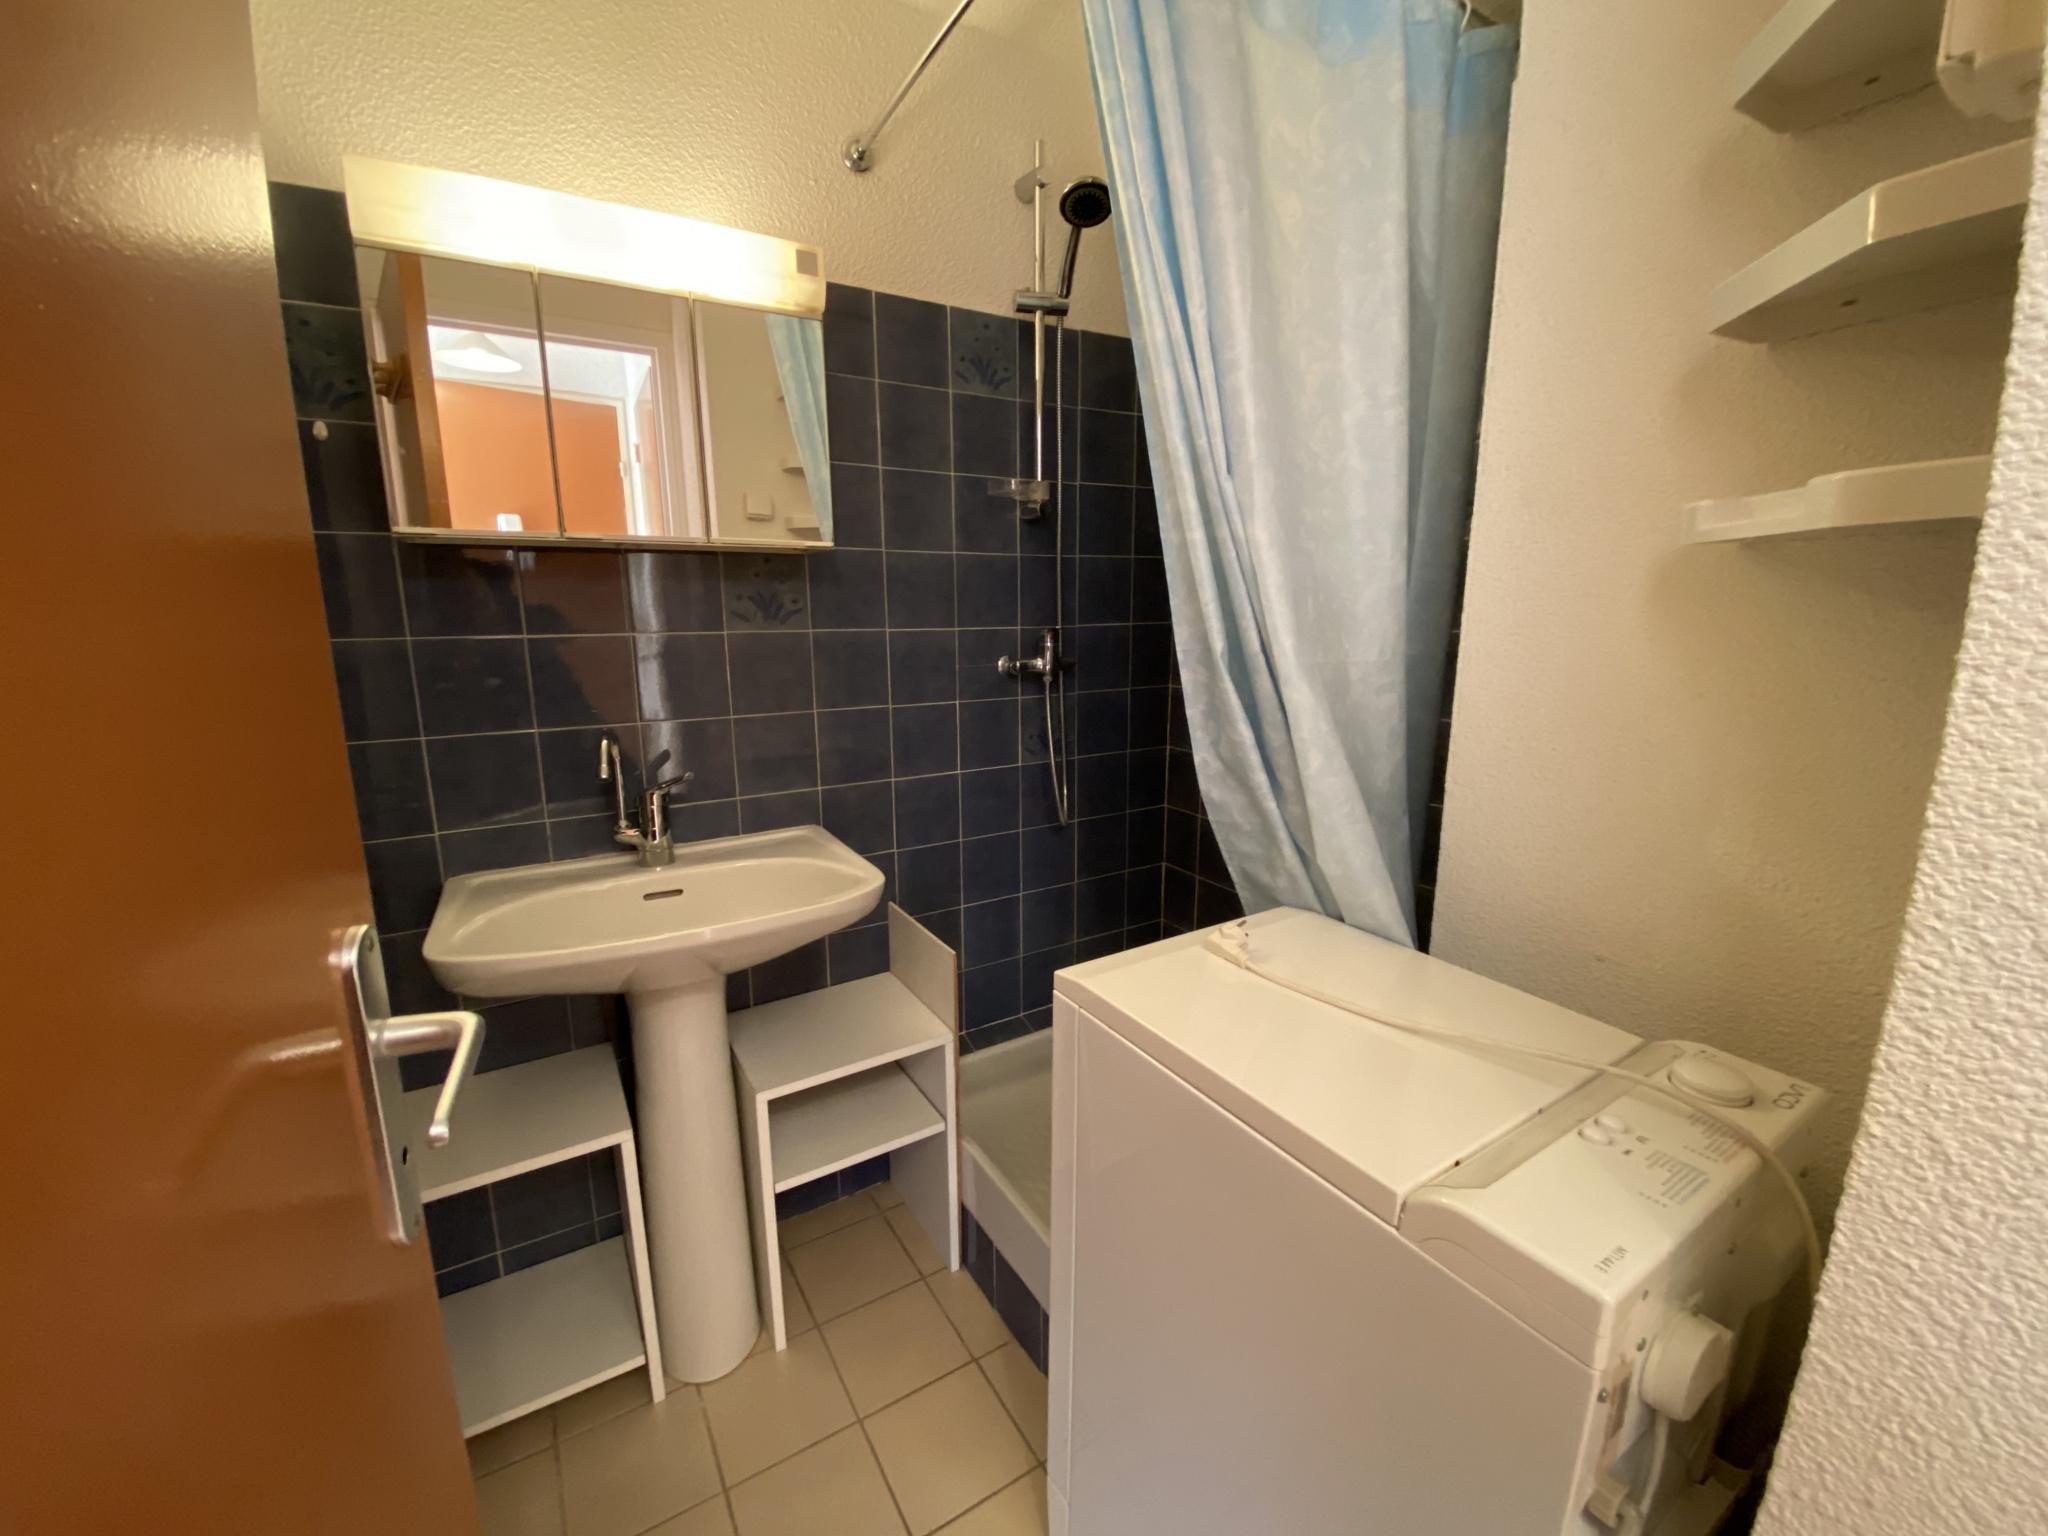 À vendre appartement de 30m2 à argeles sur mer (66700) - Photo 8'